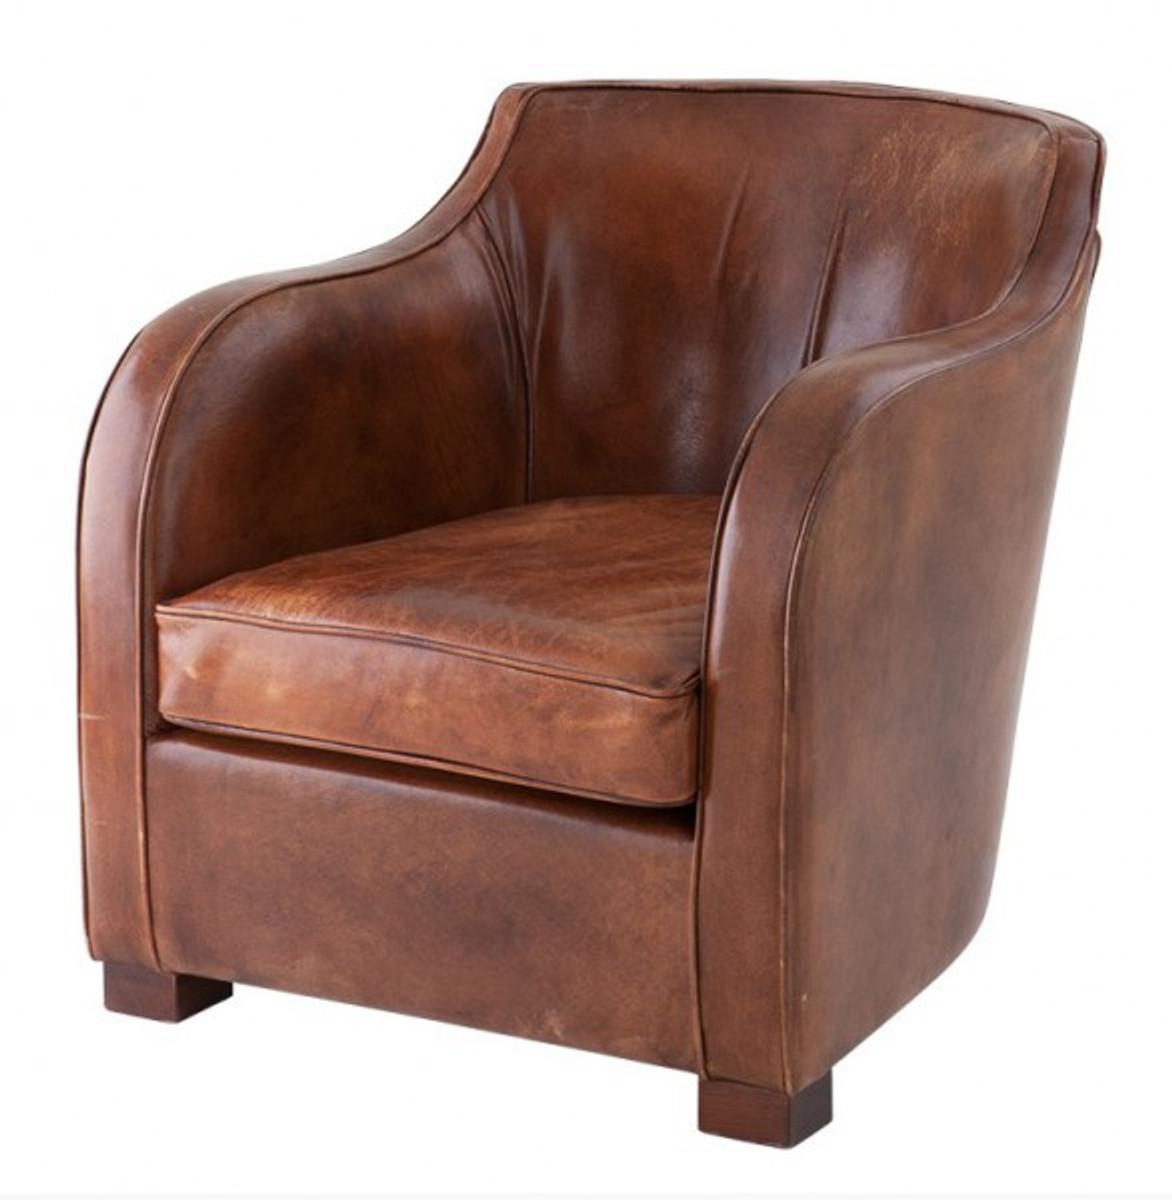 sessel leder braun vintage basa ledersofa sessel braun vintage leder mbel sofa. Black Bedroom Furniture Sets. Home Design Ideas